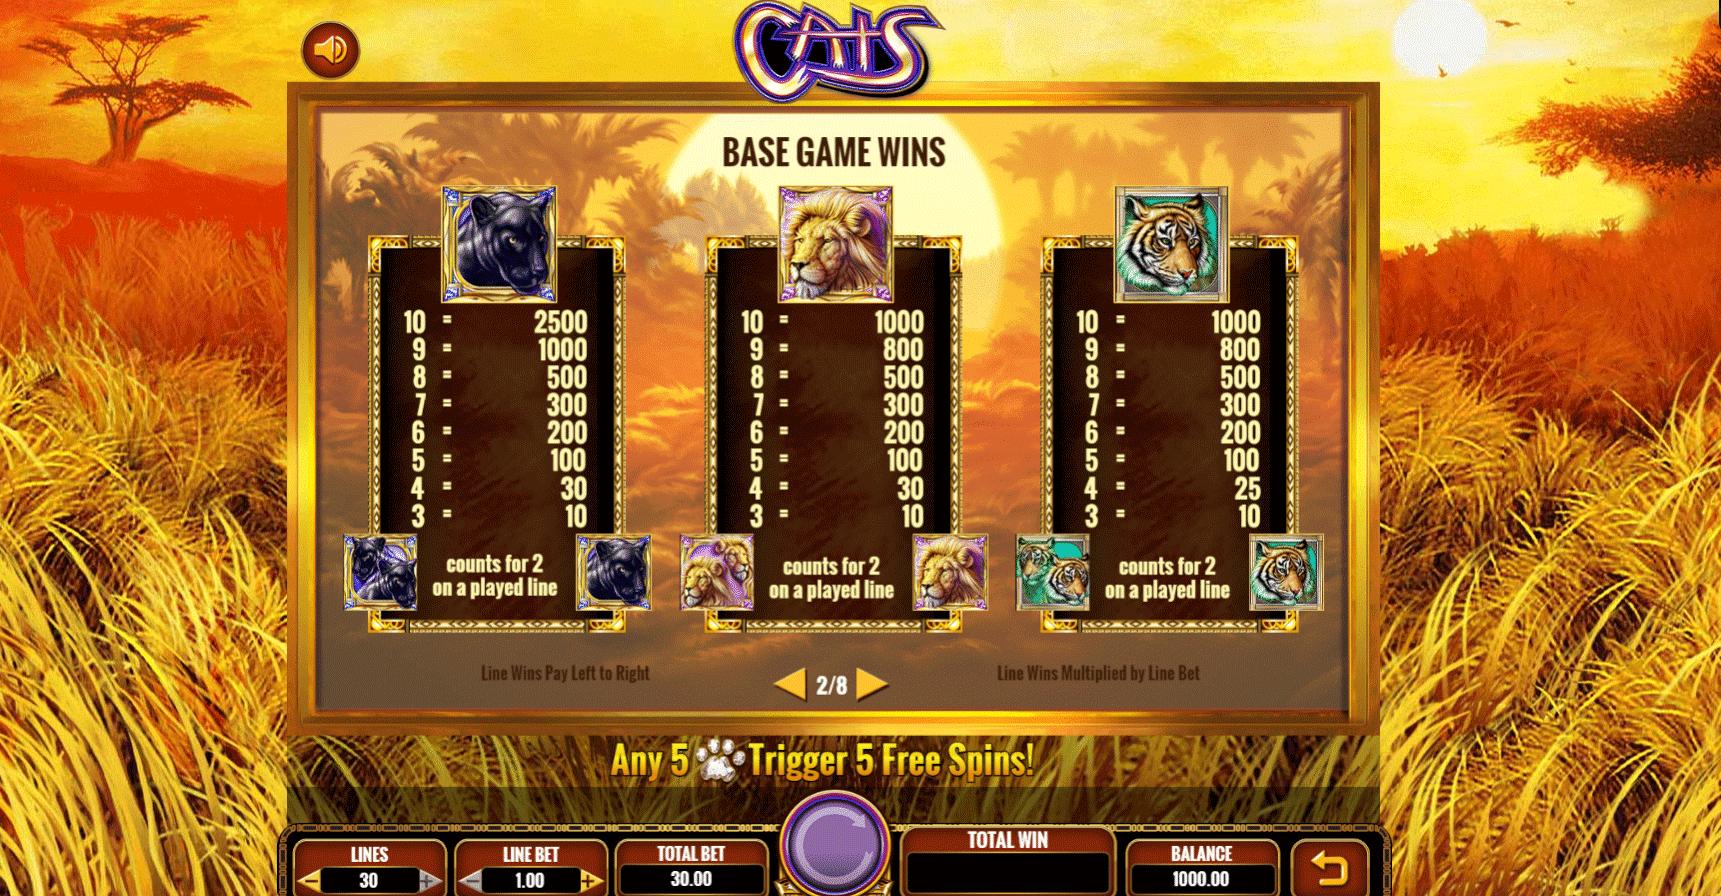 tabella vincite slot online cats